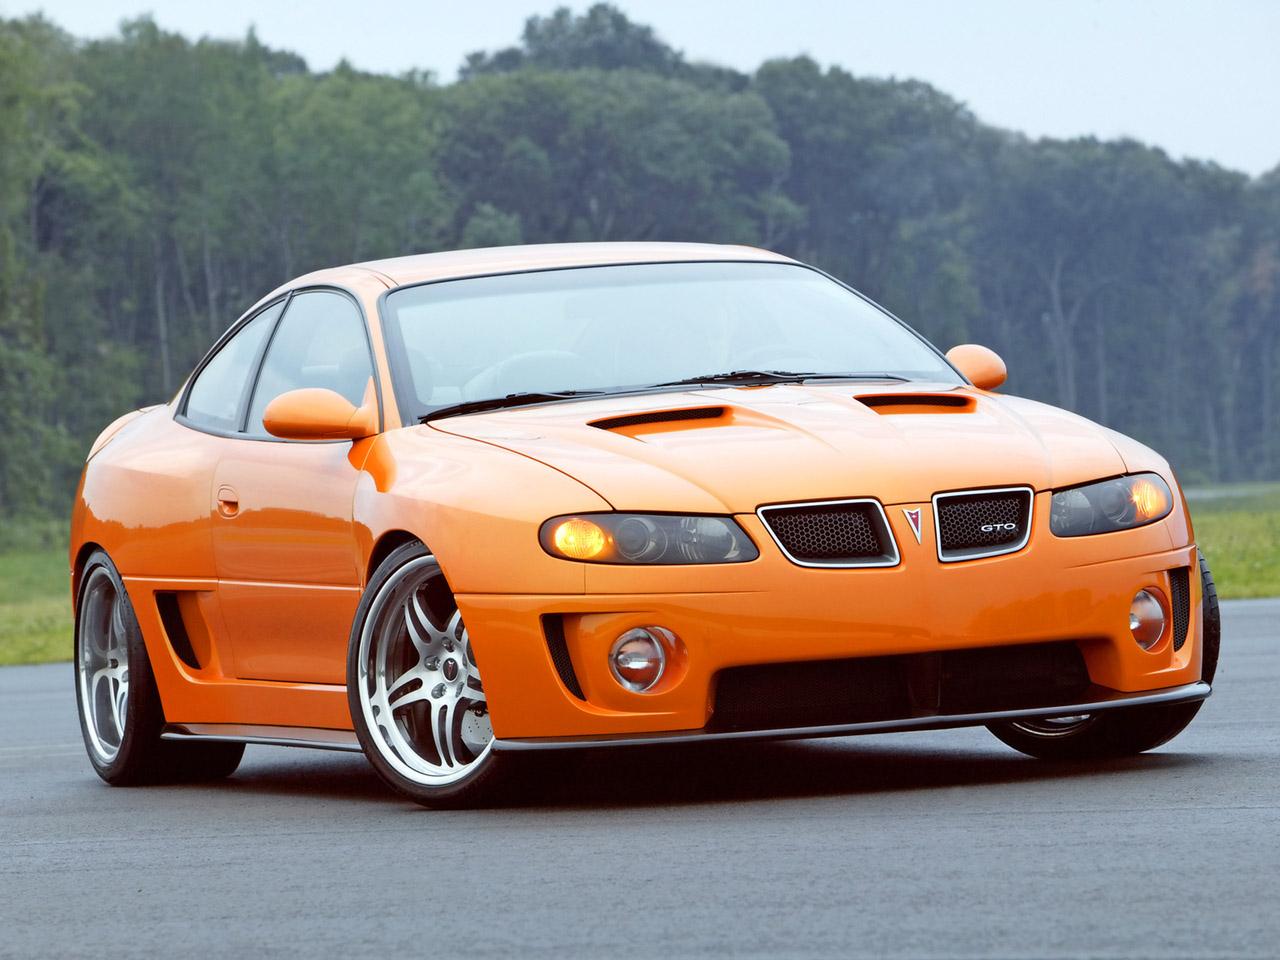 http://3.bp.blogspot.com/-kLCPQo0sOmc/TjEZ2dXRyZI/AAAAAAAADK4/l20G3Vw3dZs/s1600/Pontiac-GTO-Ram-Air-6-FA-1280x960-2004.jpg